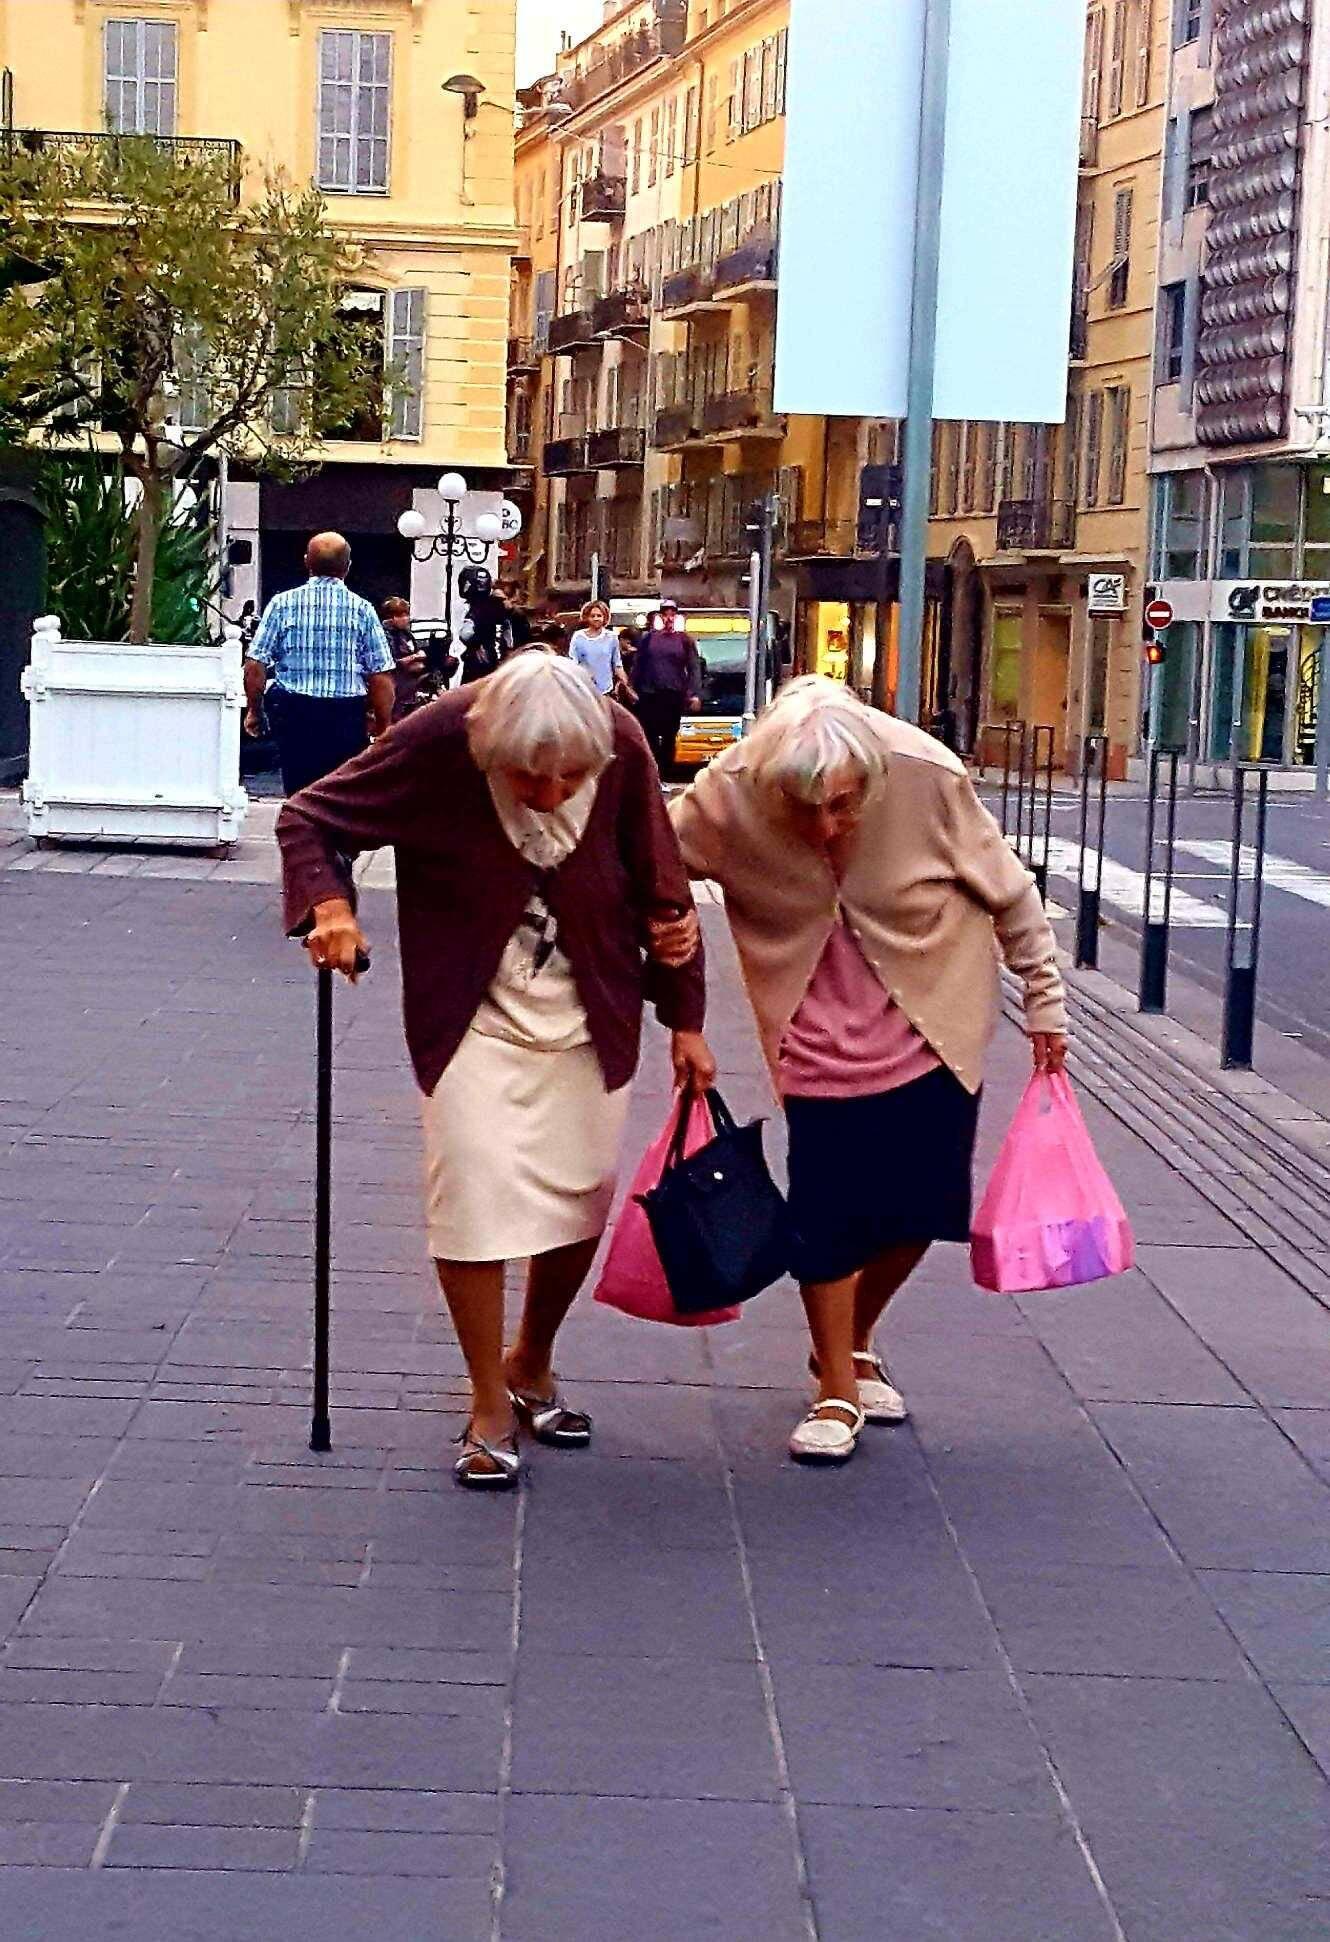 Les jumelles du Vieux-Nice immortalisées par Laura, gérante du magasin L'épingle à linge.